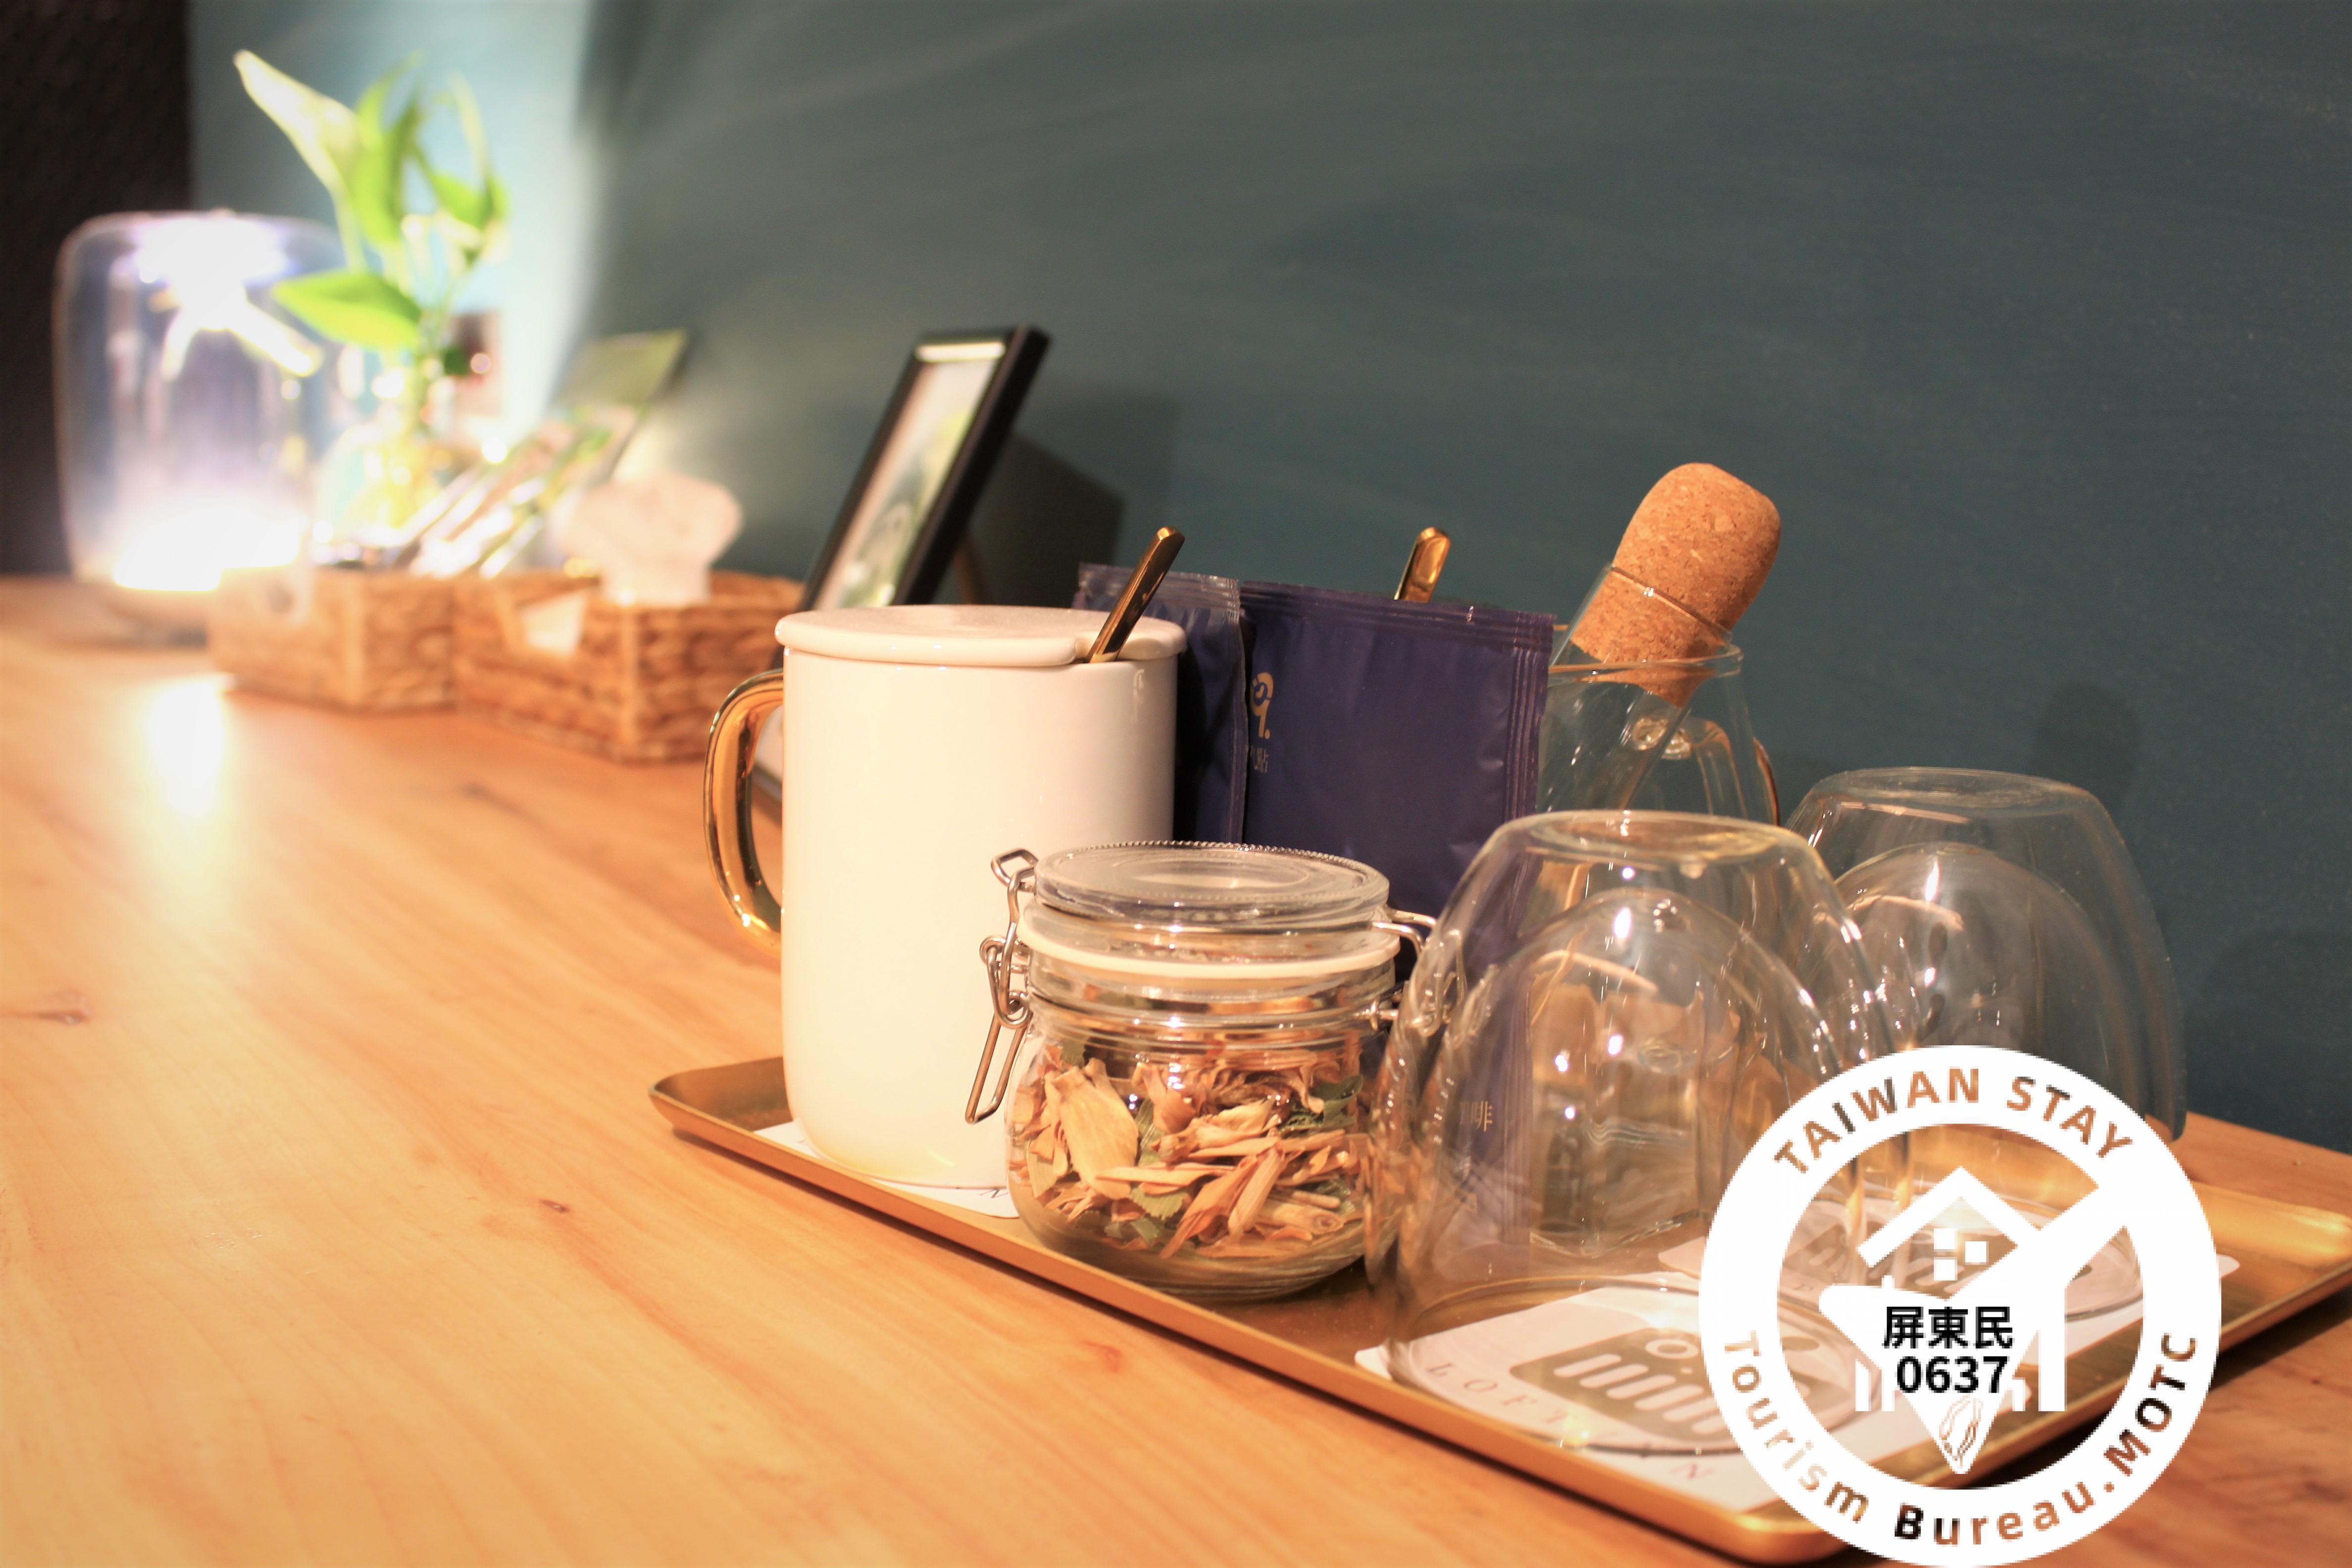 英國Miller Harris頂級奢華香水品牌有機洗沐 進口有機檸檬香茅茶 商務艙專用原豆沖泡咖啡 進口礦泉水,飲品 mini bar全部免費   極致寢具提供您一夜好眠 柔和的光線